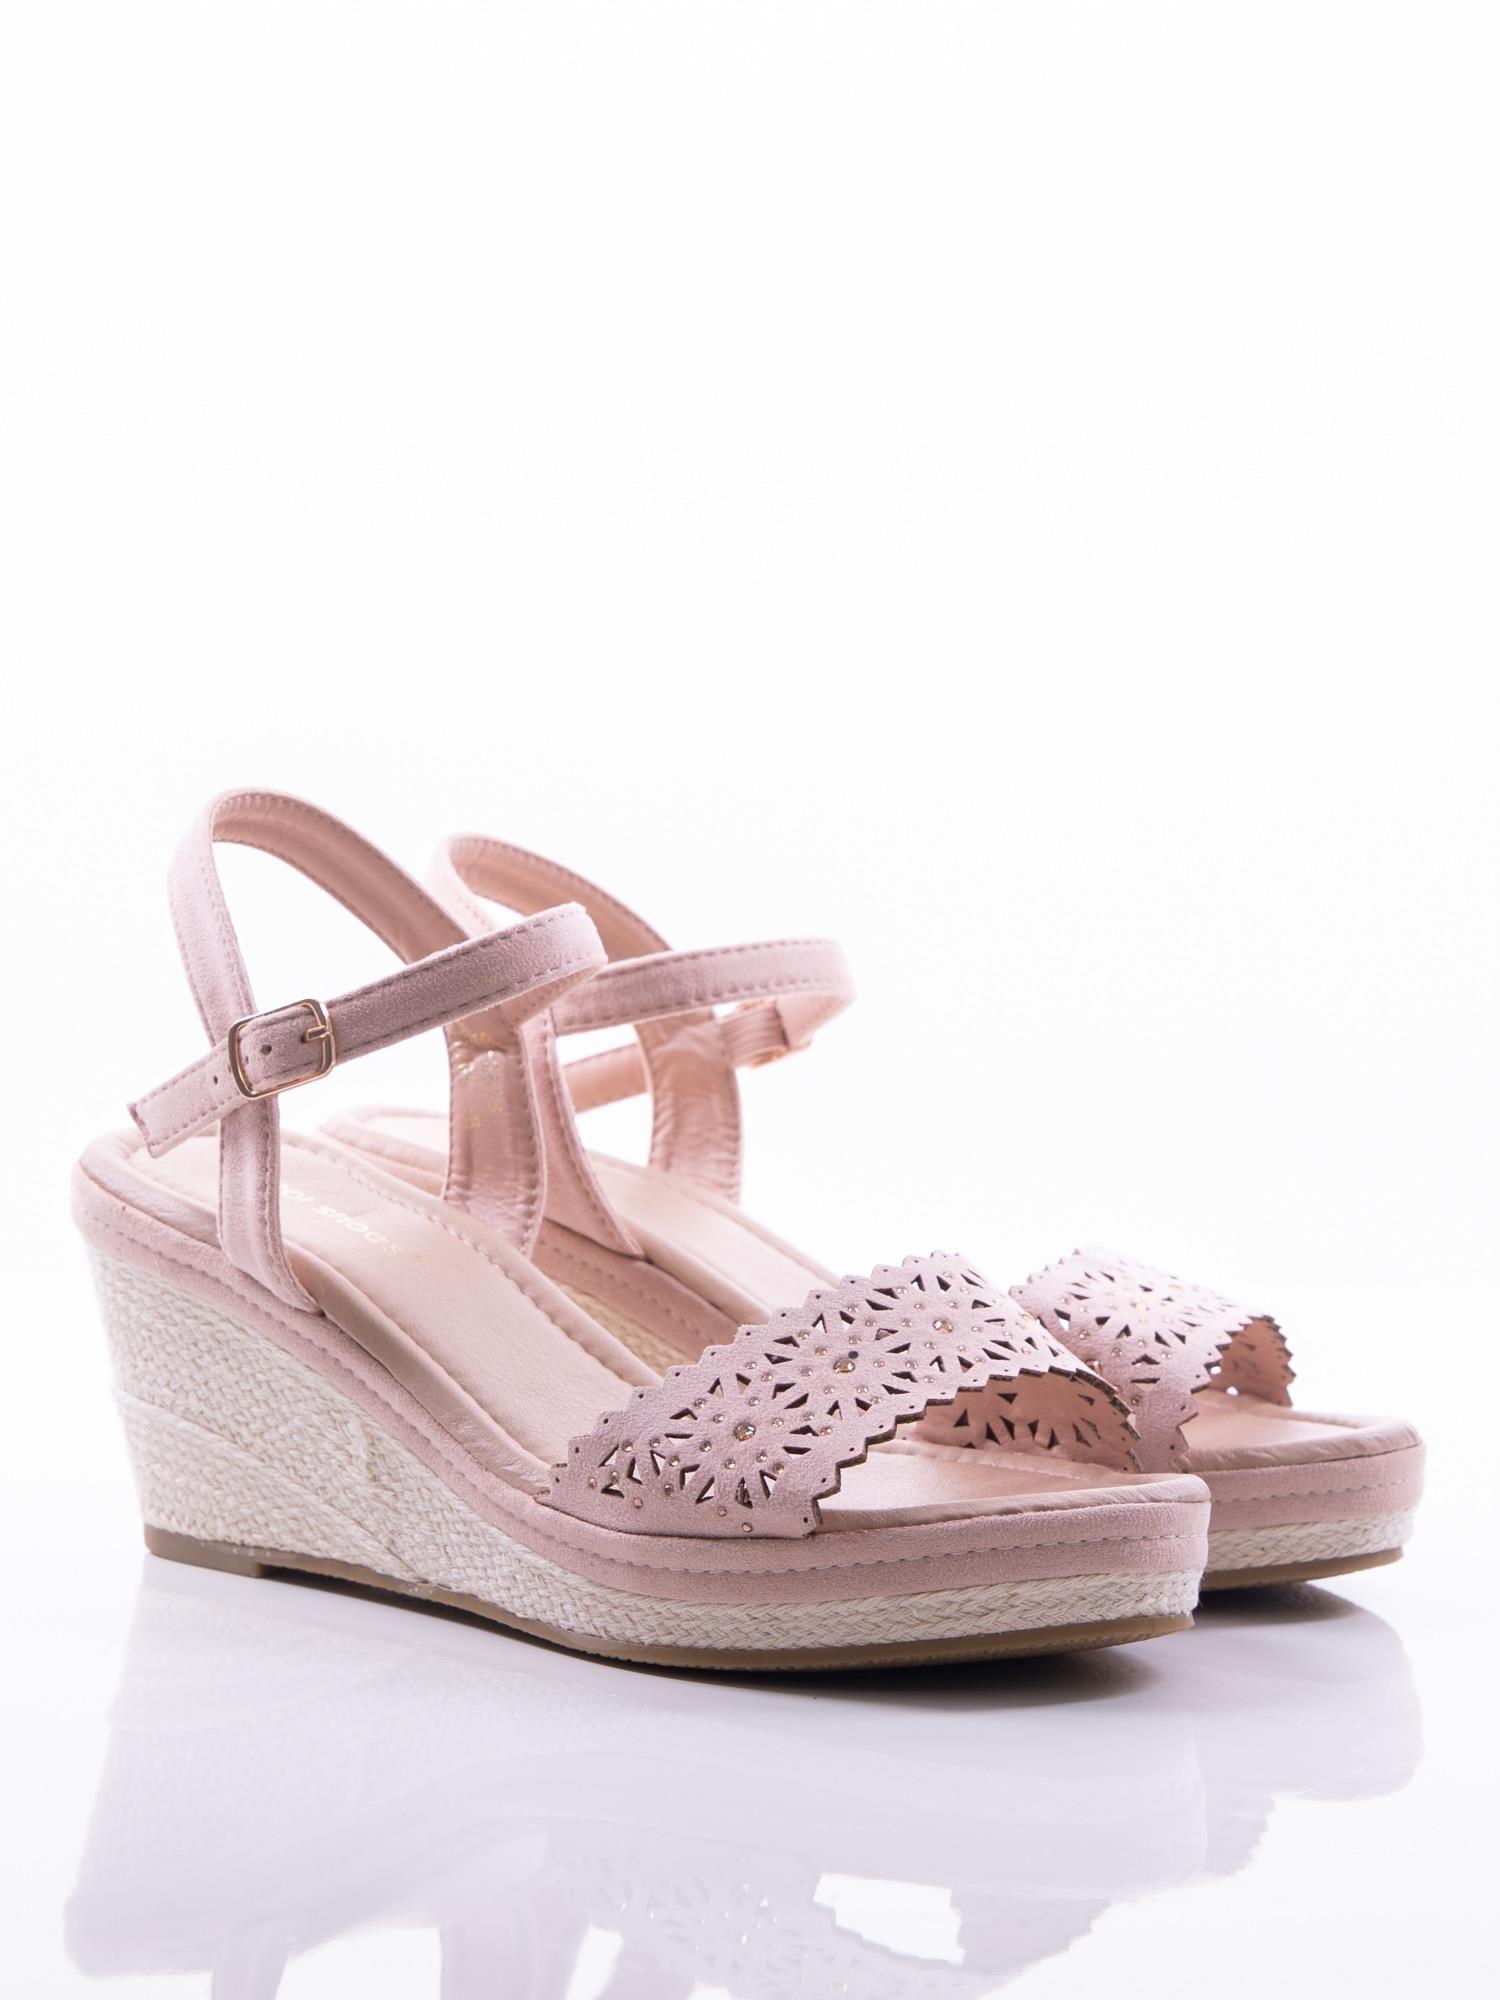 ce71608fb6618 Beżowe sandały na koturnach z ażurowym wzorem na przodzie cholewki i  złotymi cyrkoniami - Buty Koturny - sklep eButik.pl